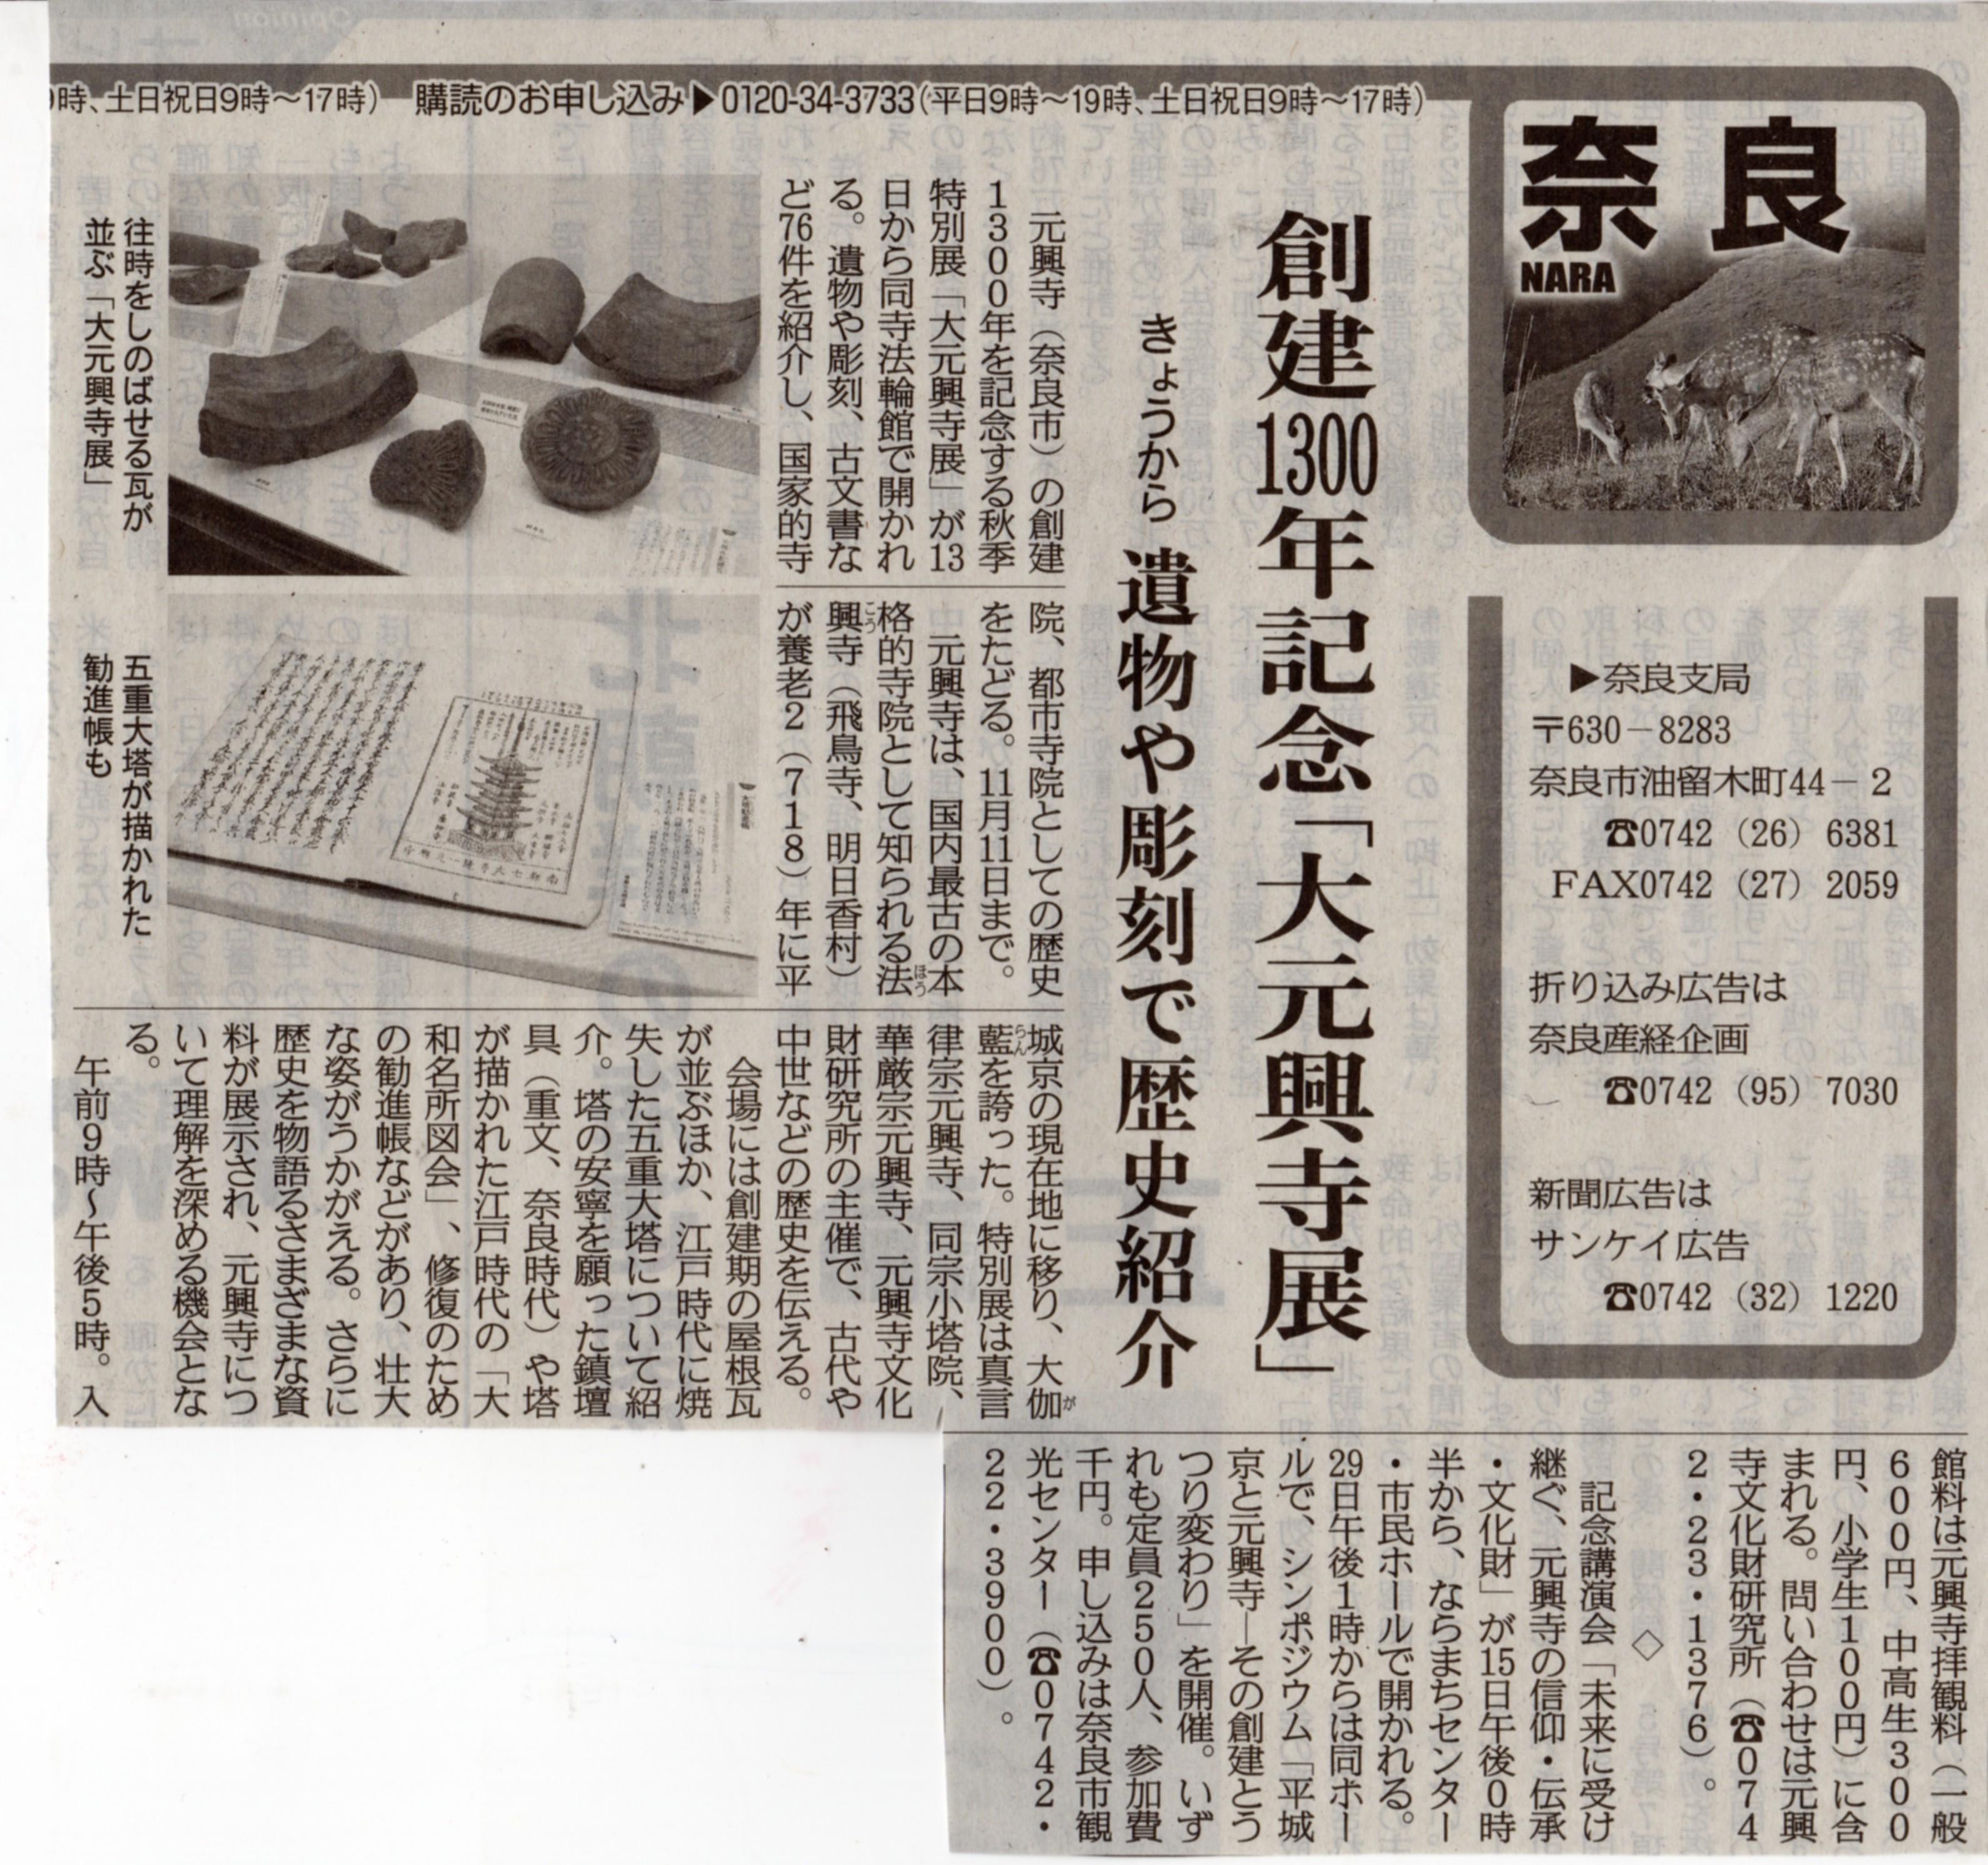 産経 新聞 奈良 奈良で新聞の購読・求人|産経新聞 奈良県専売会